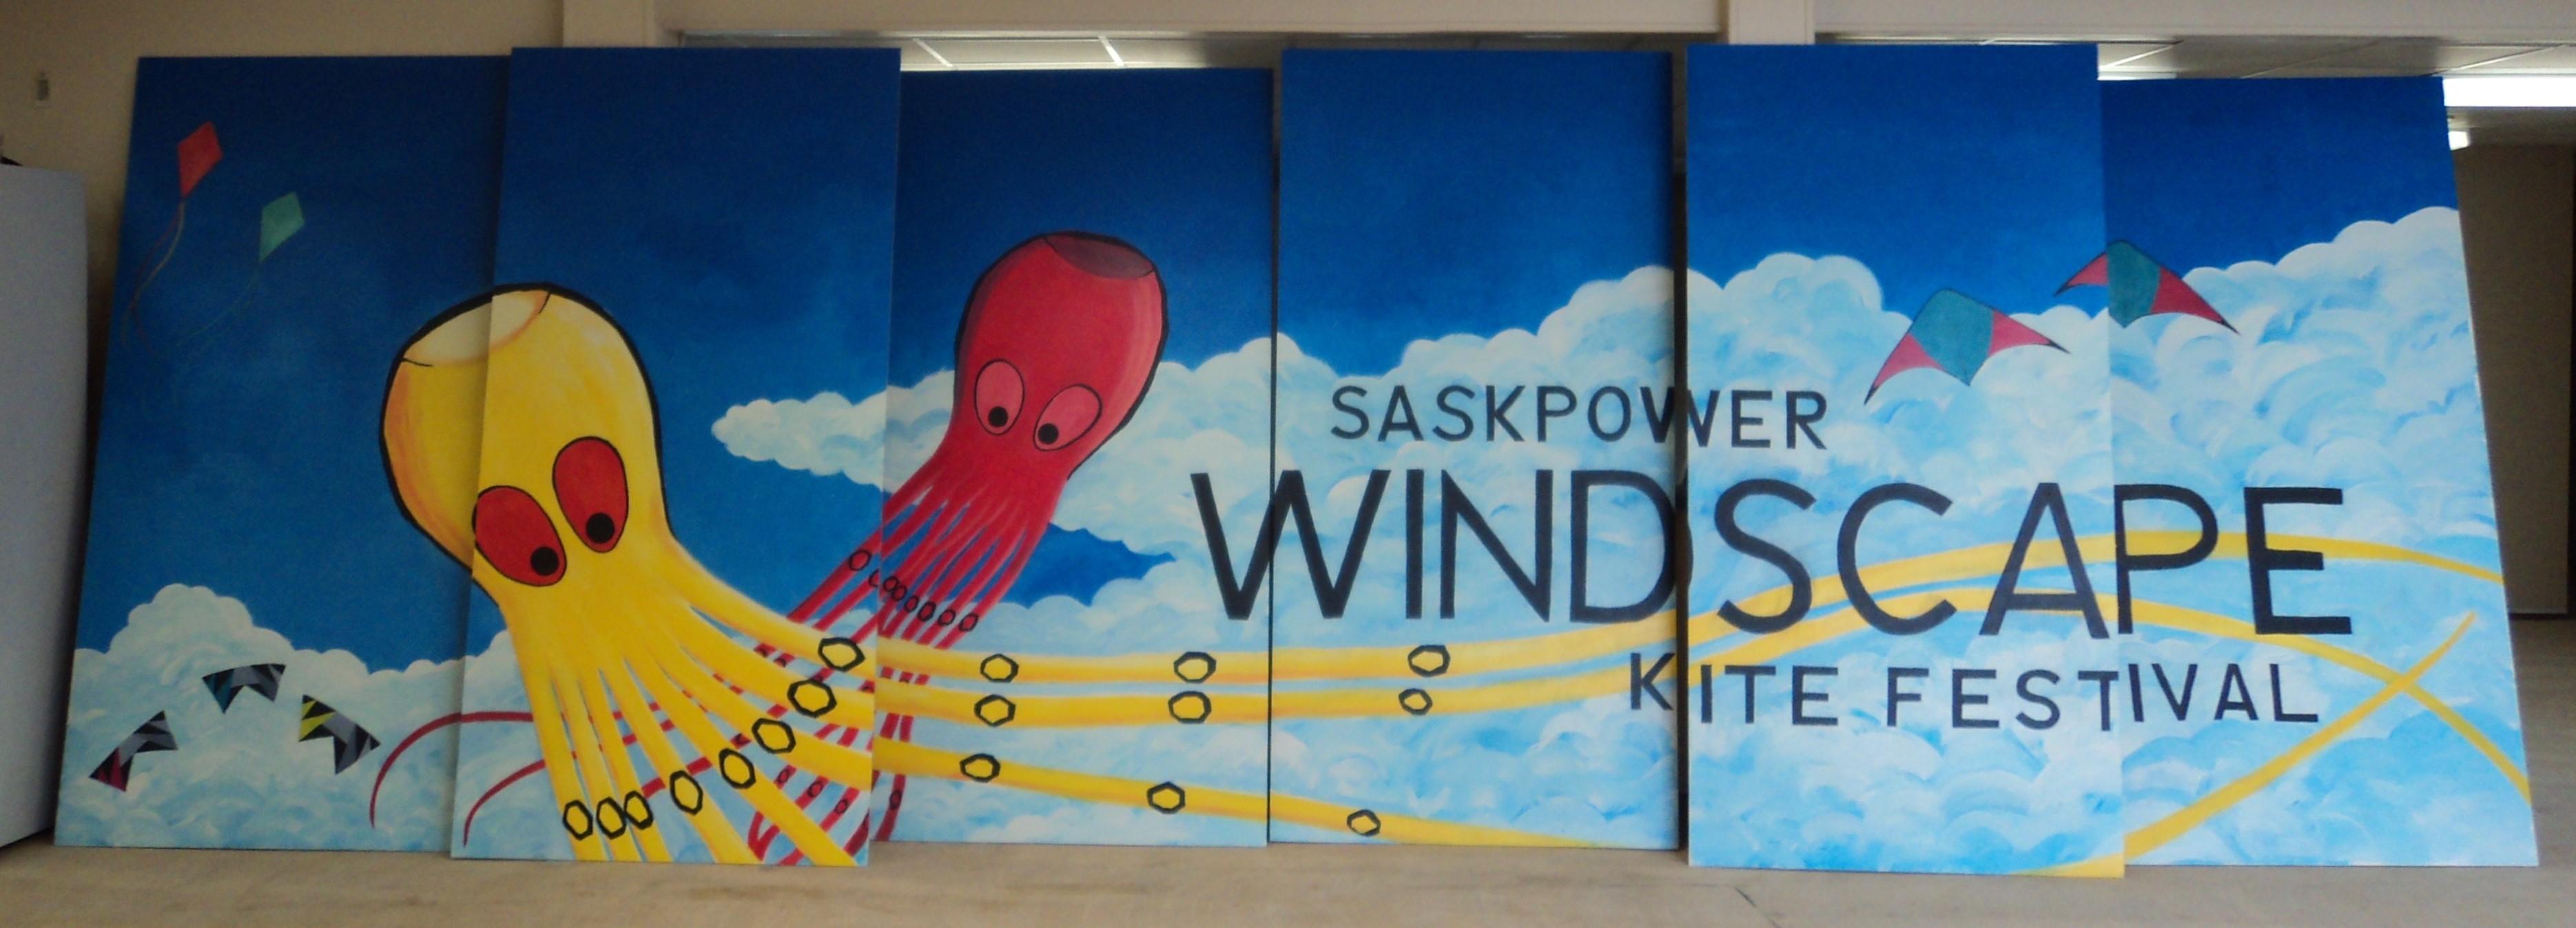 Windscape Kite Festival Mural